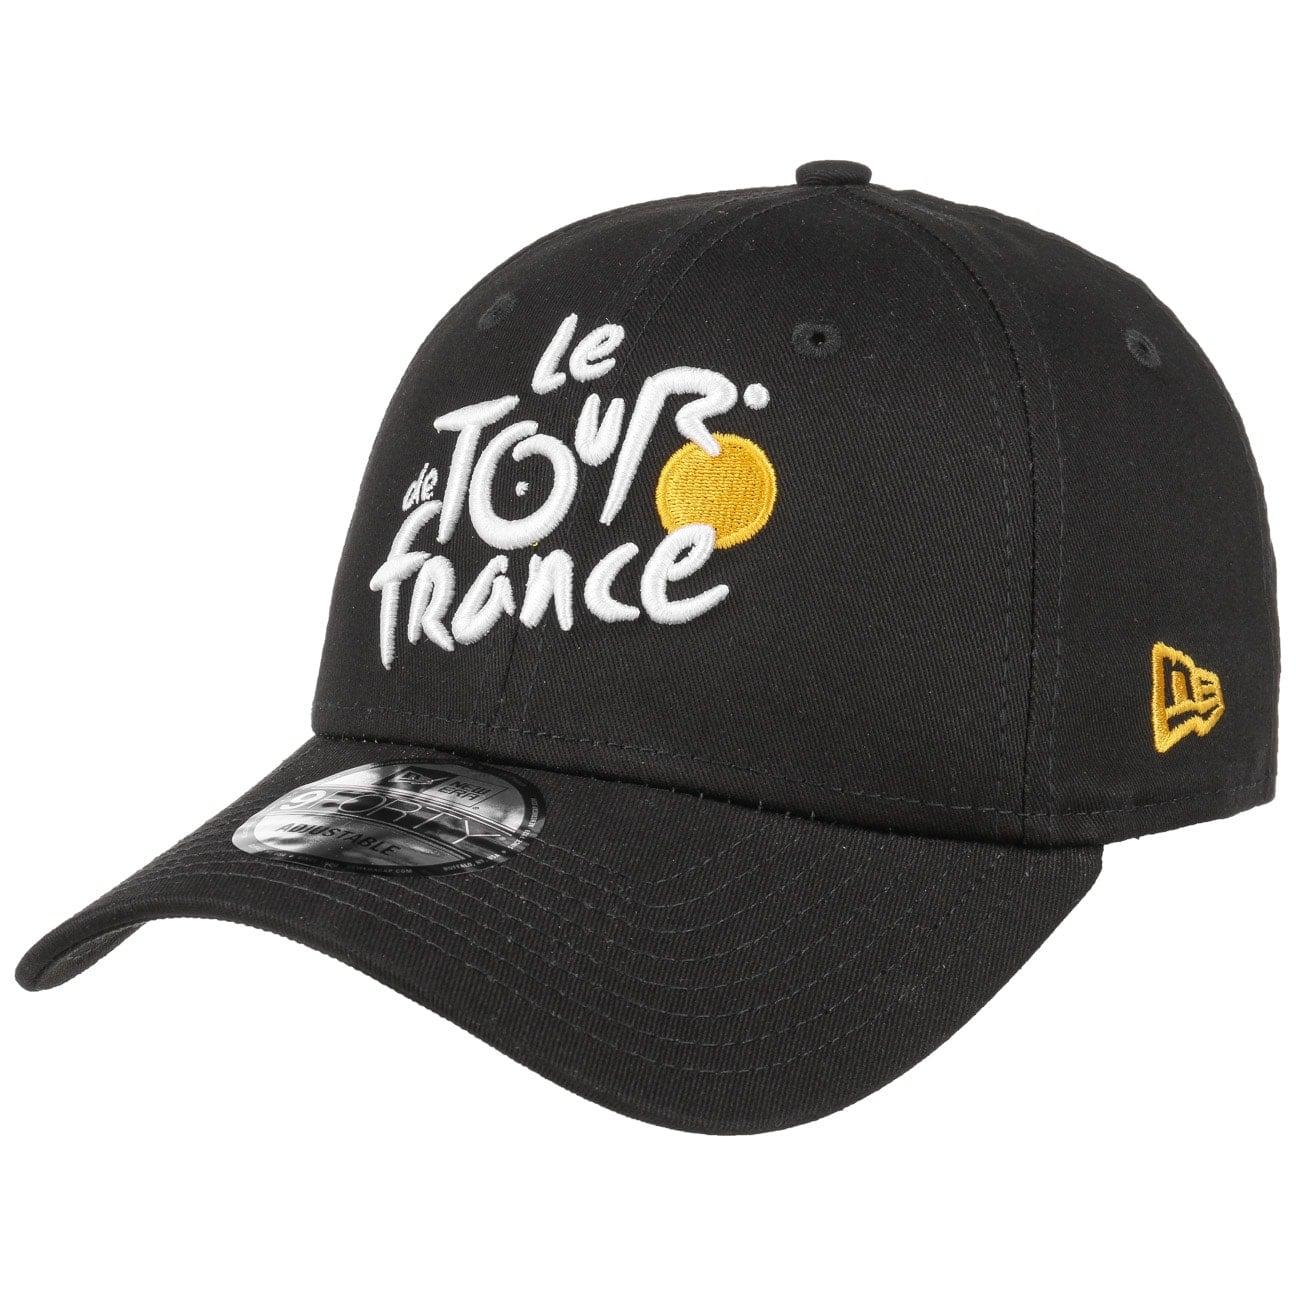 9forty-tour-de-france-cap-by-new-era-basecap